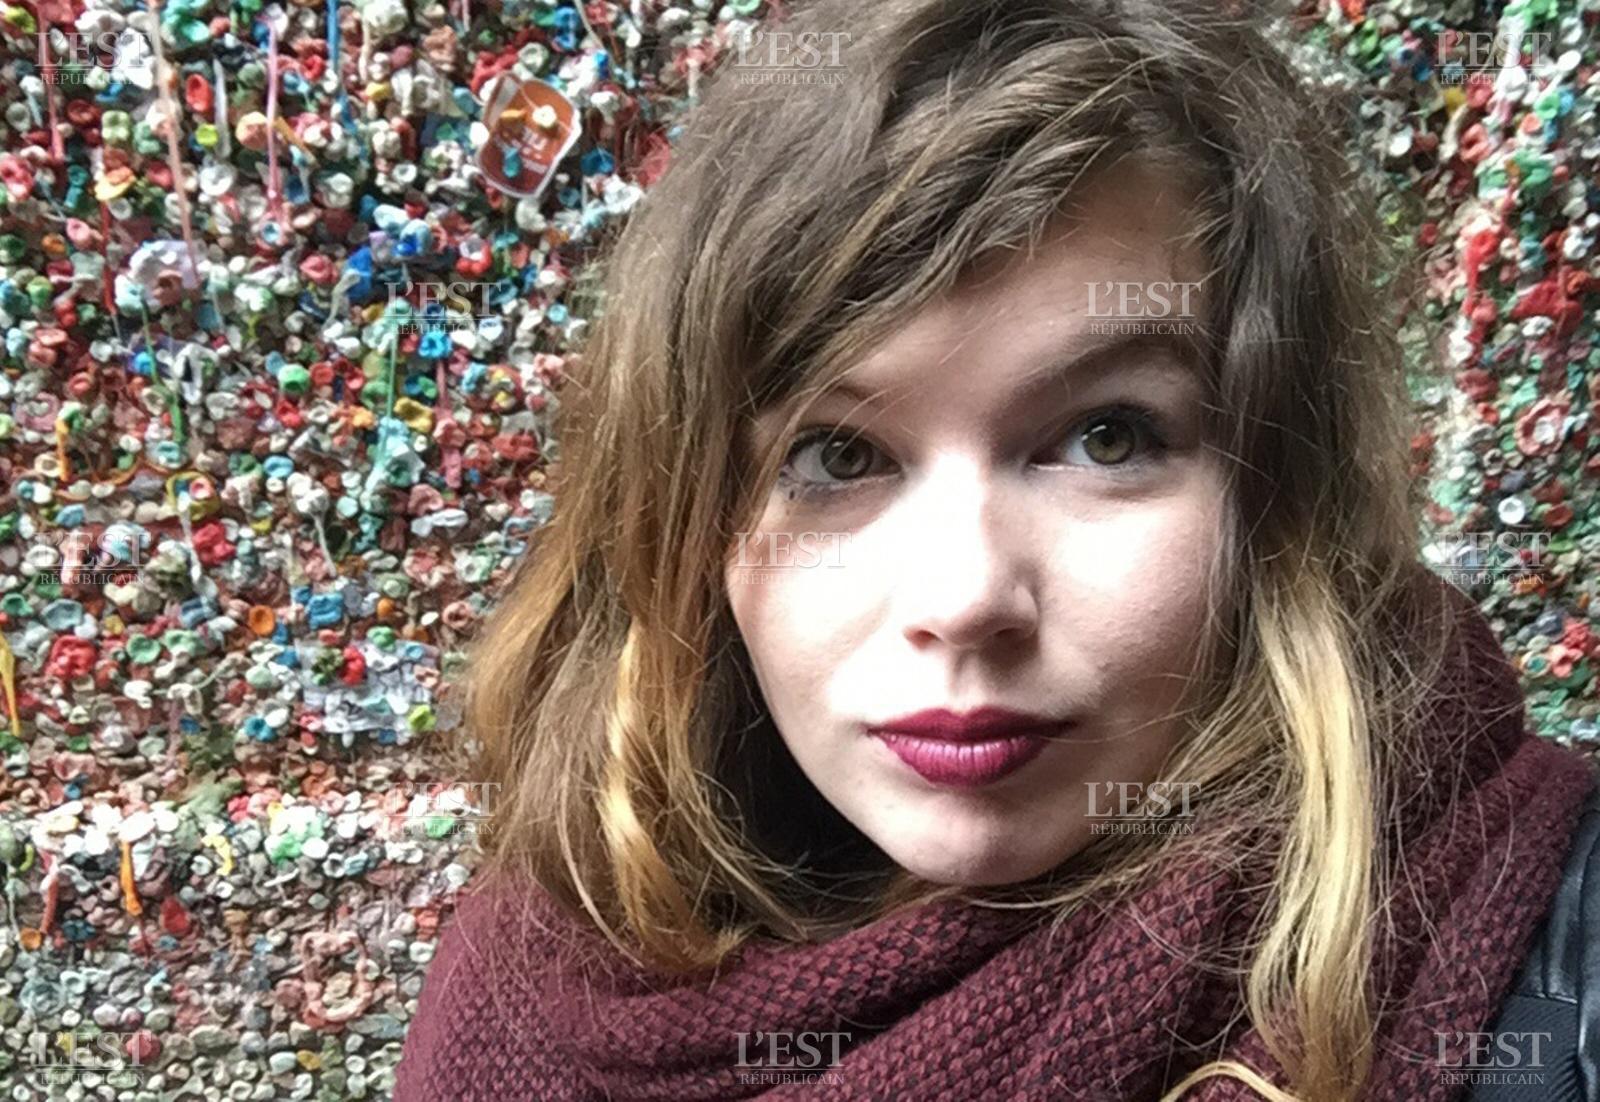 recherche jeune fille au pair paris)